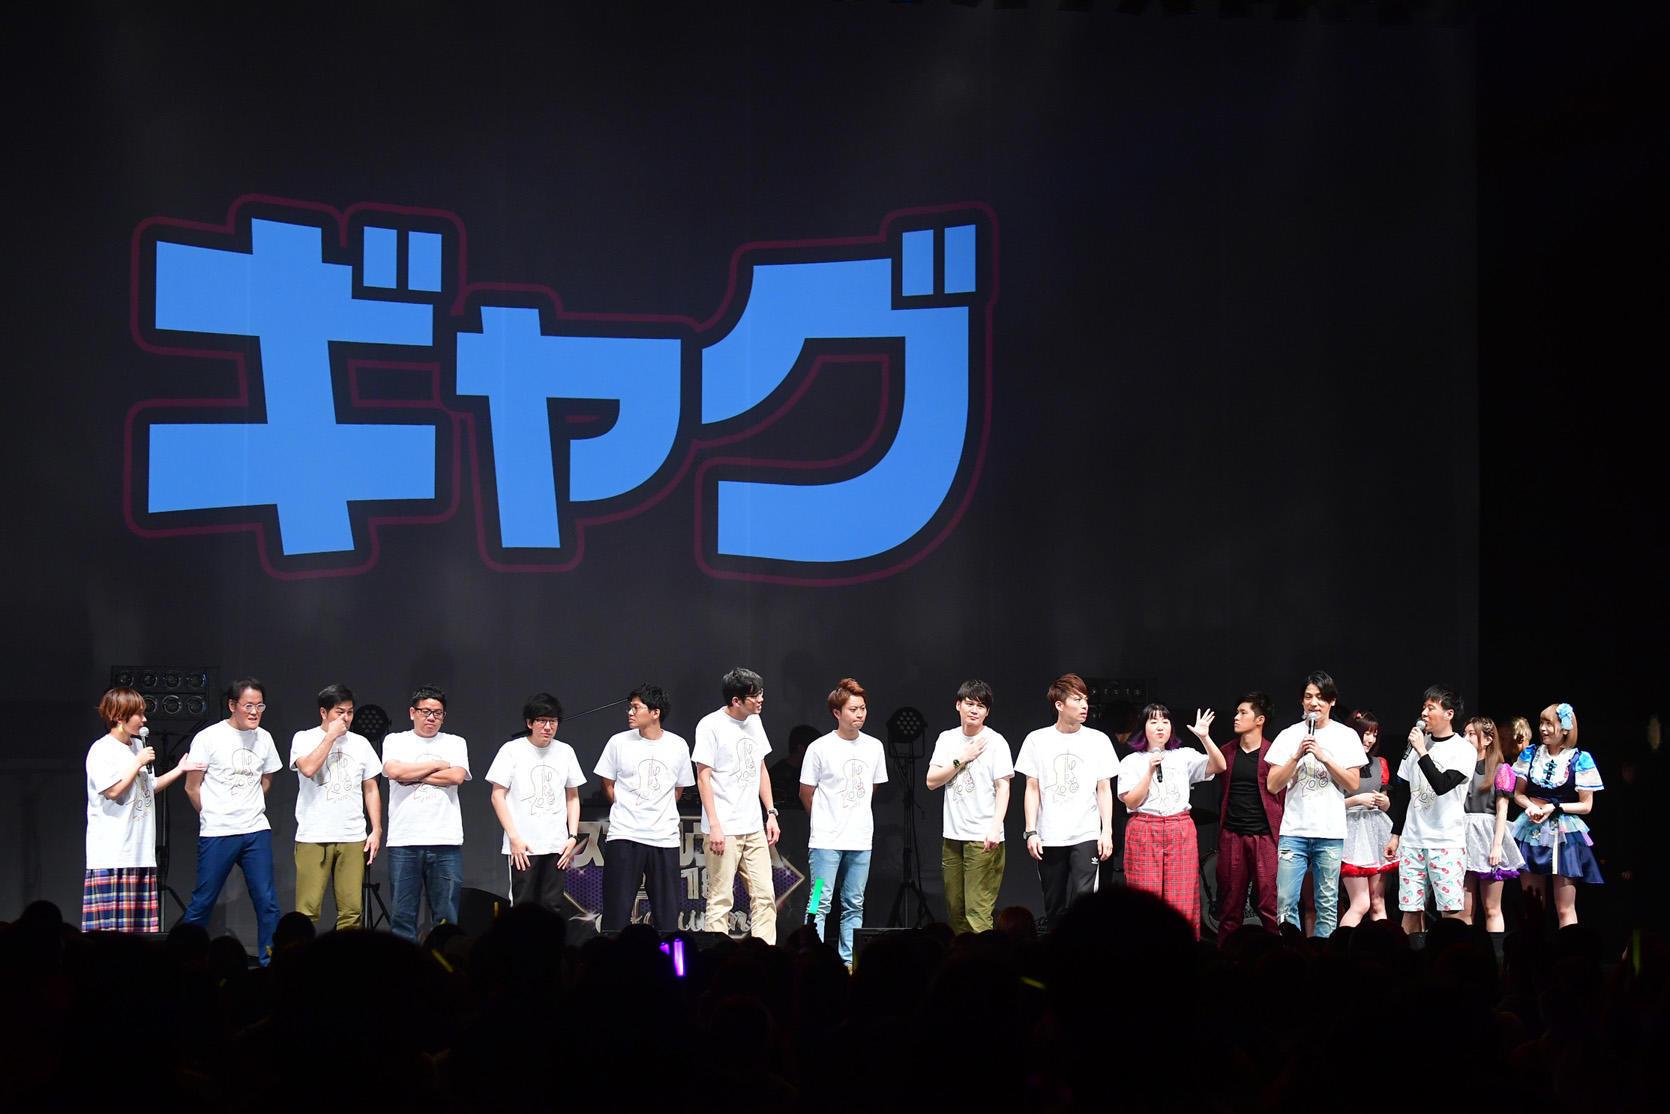 http://news.yoshimoto.co.jp/20181201025825-a9603c638c0a3cb771d0abe767b0762b9c5711d1.jpg